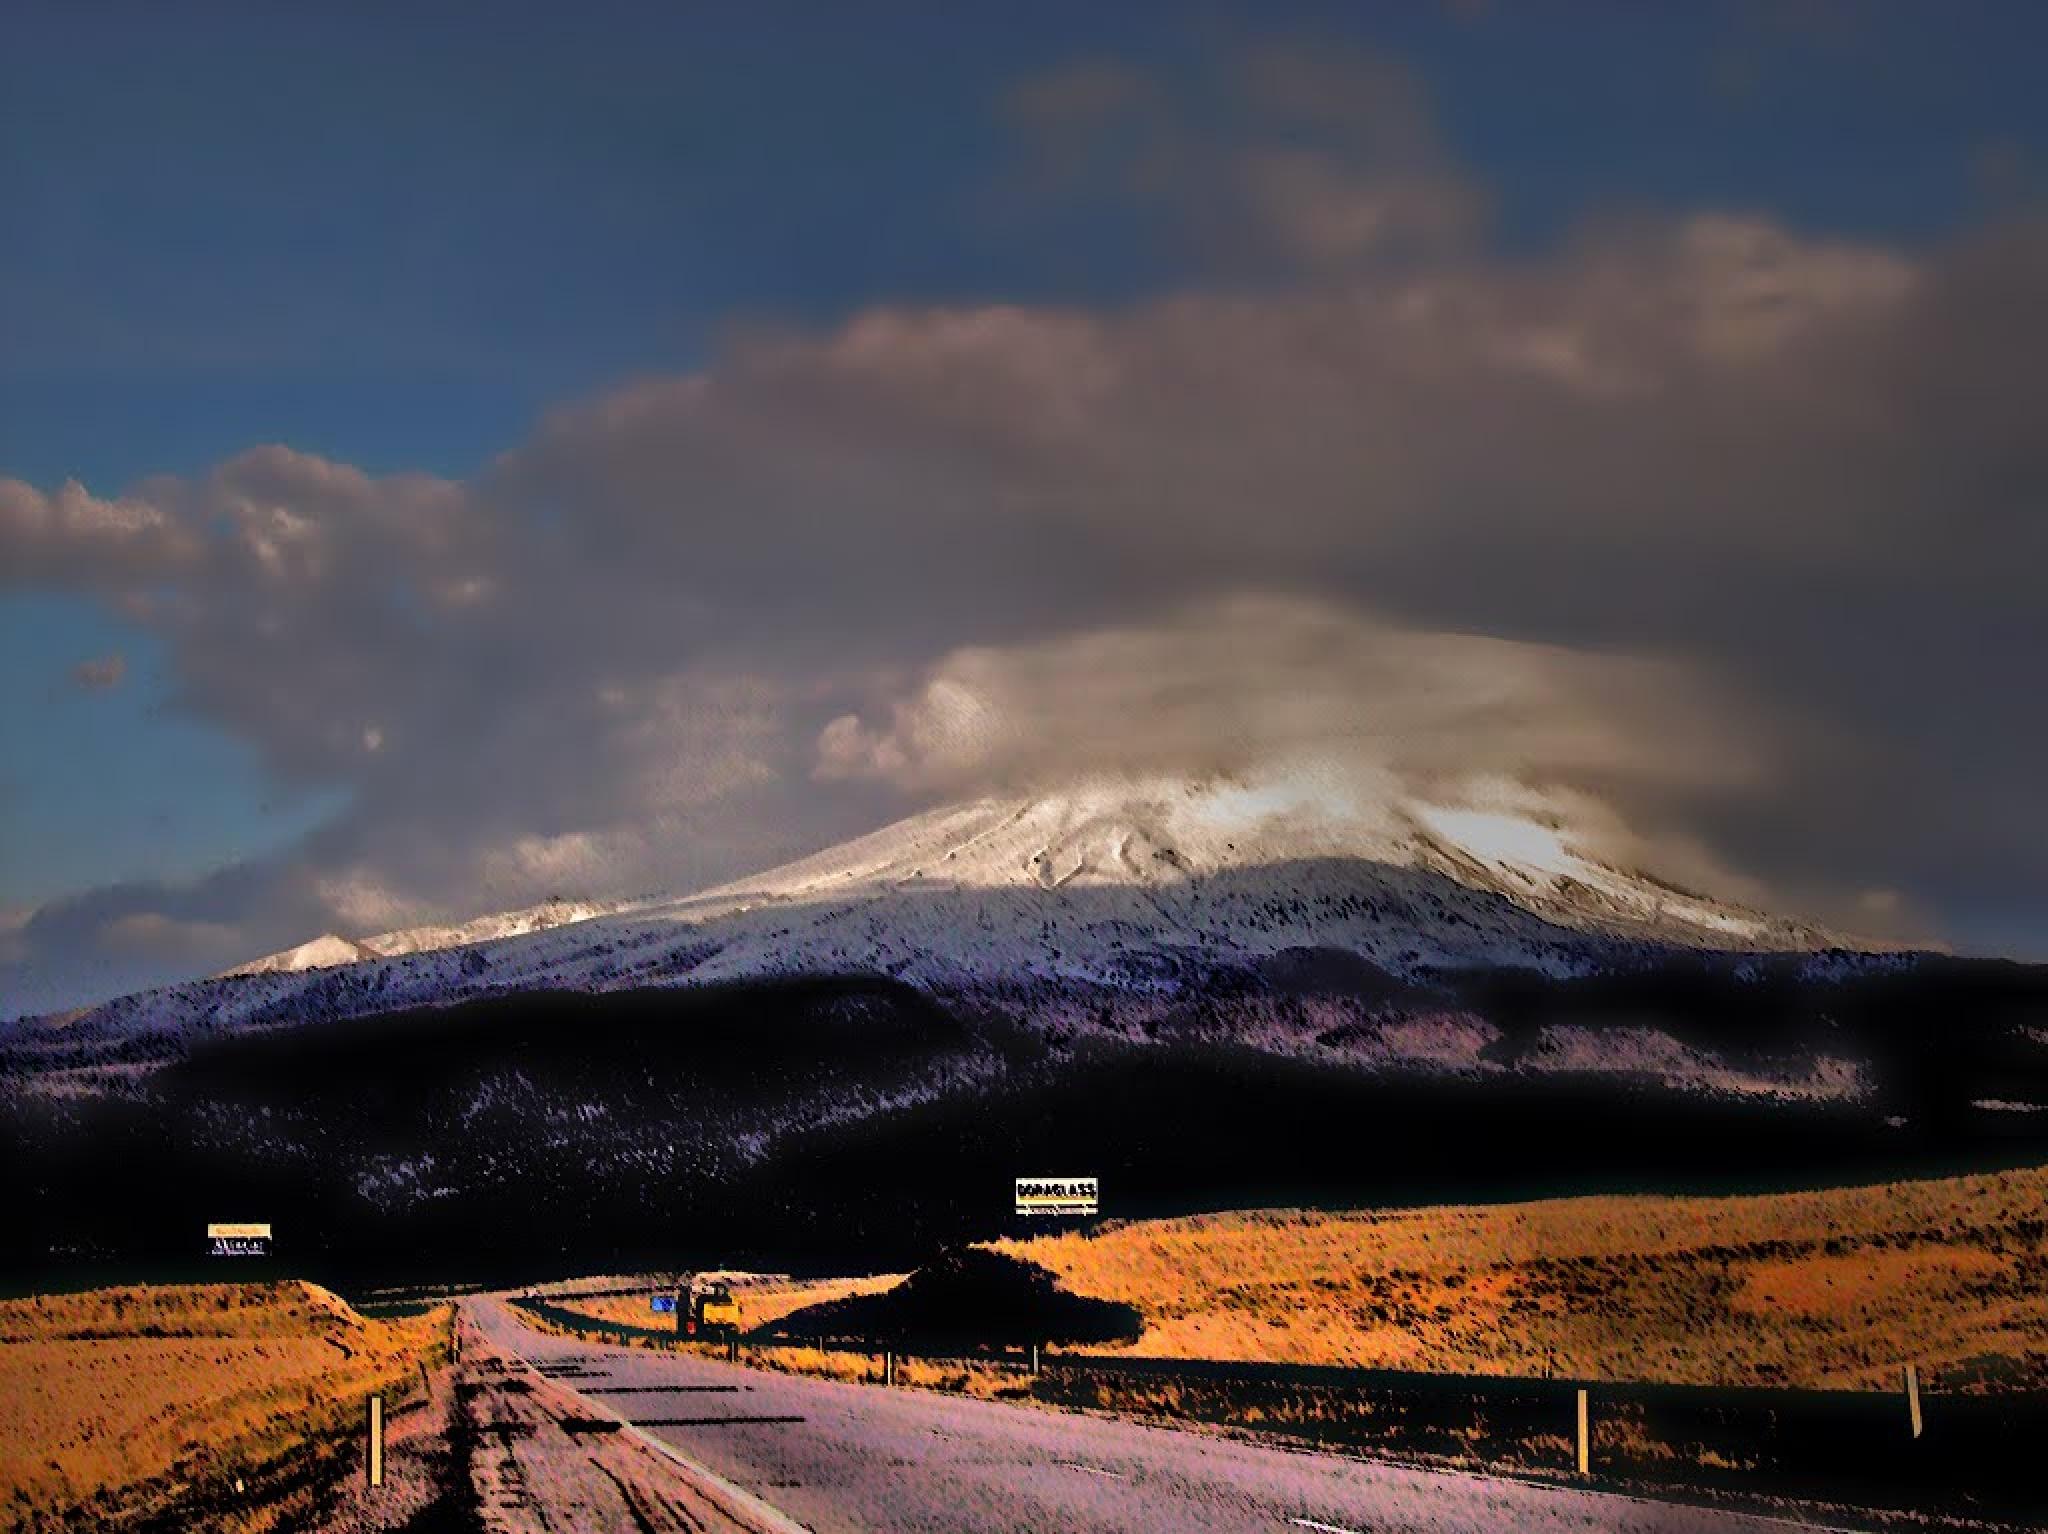 Mountain Hasan by refikyavas